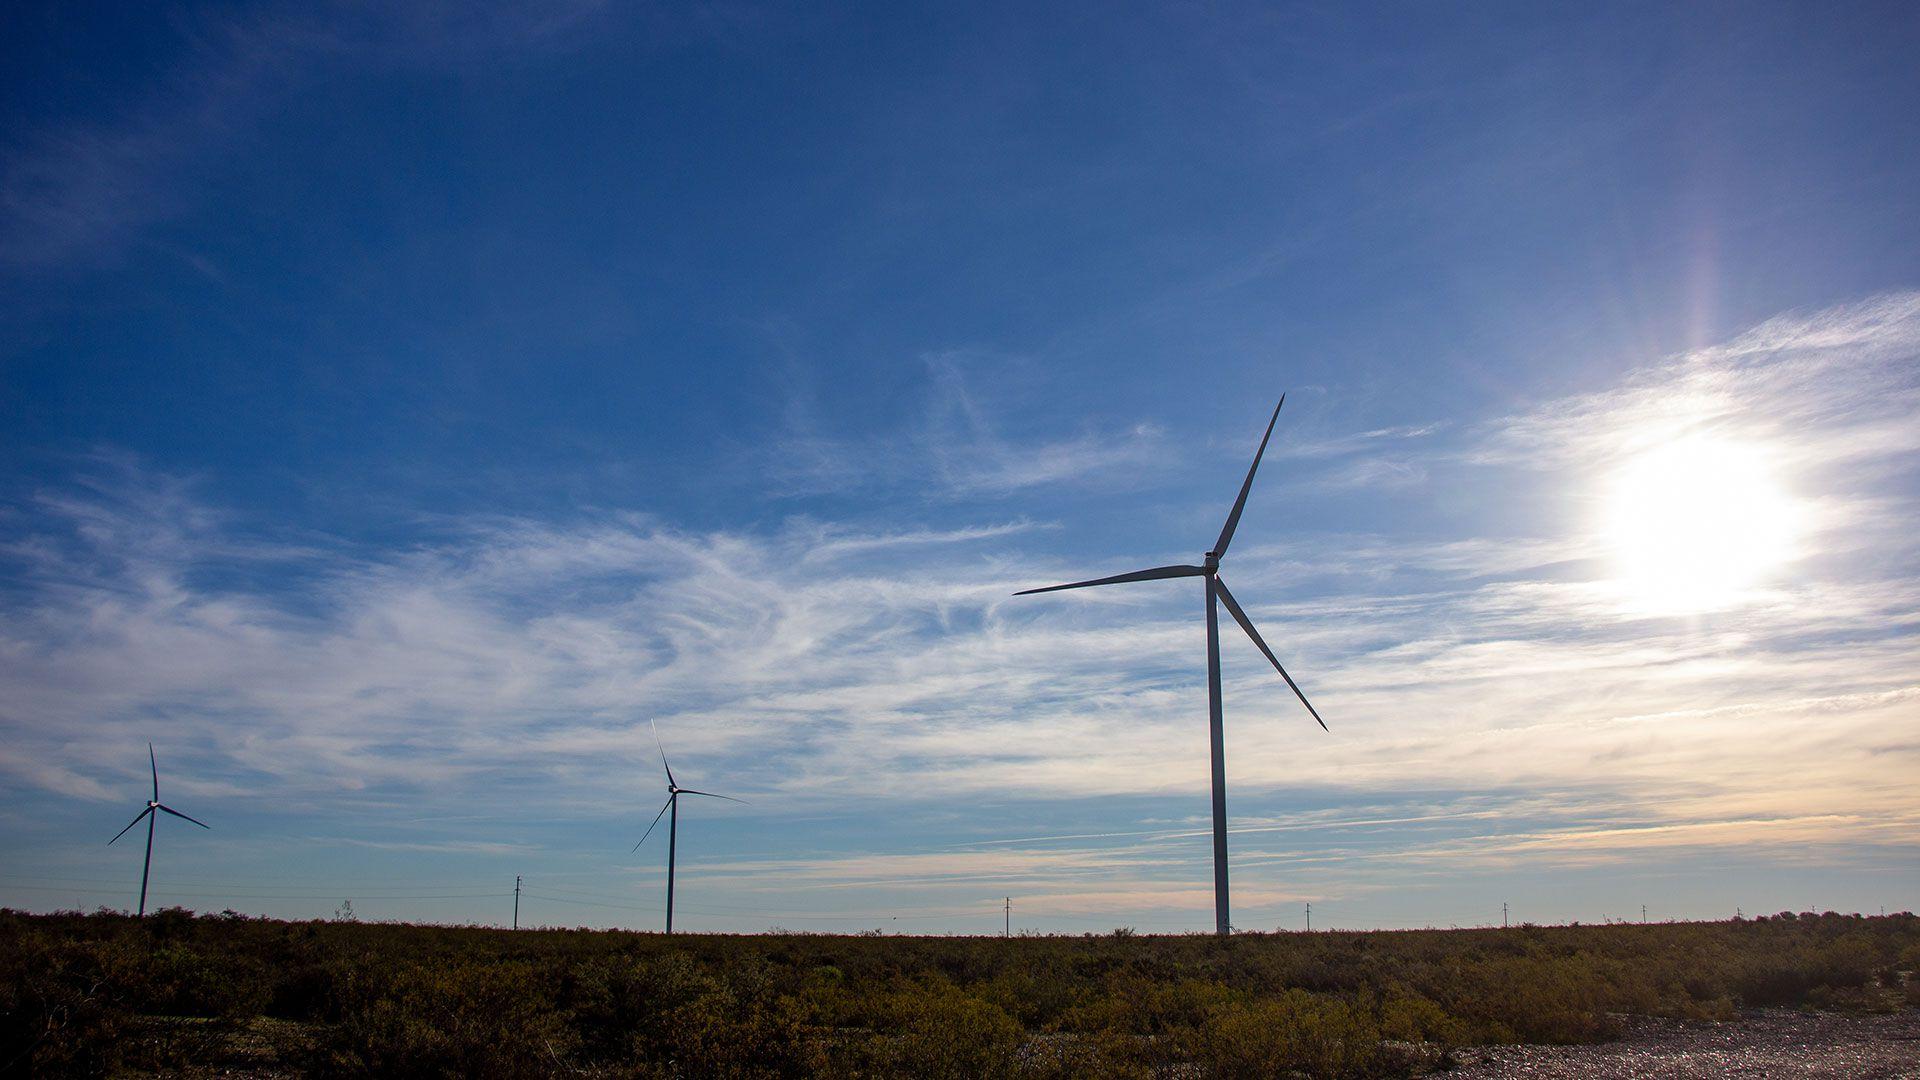 El bono se utilizó para financiar un parque eólico en la provincia